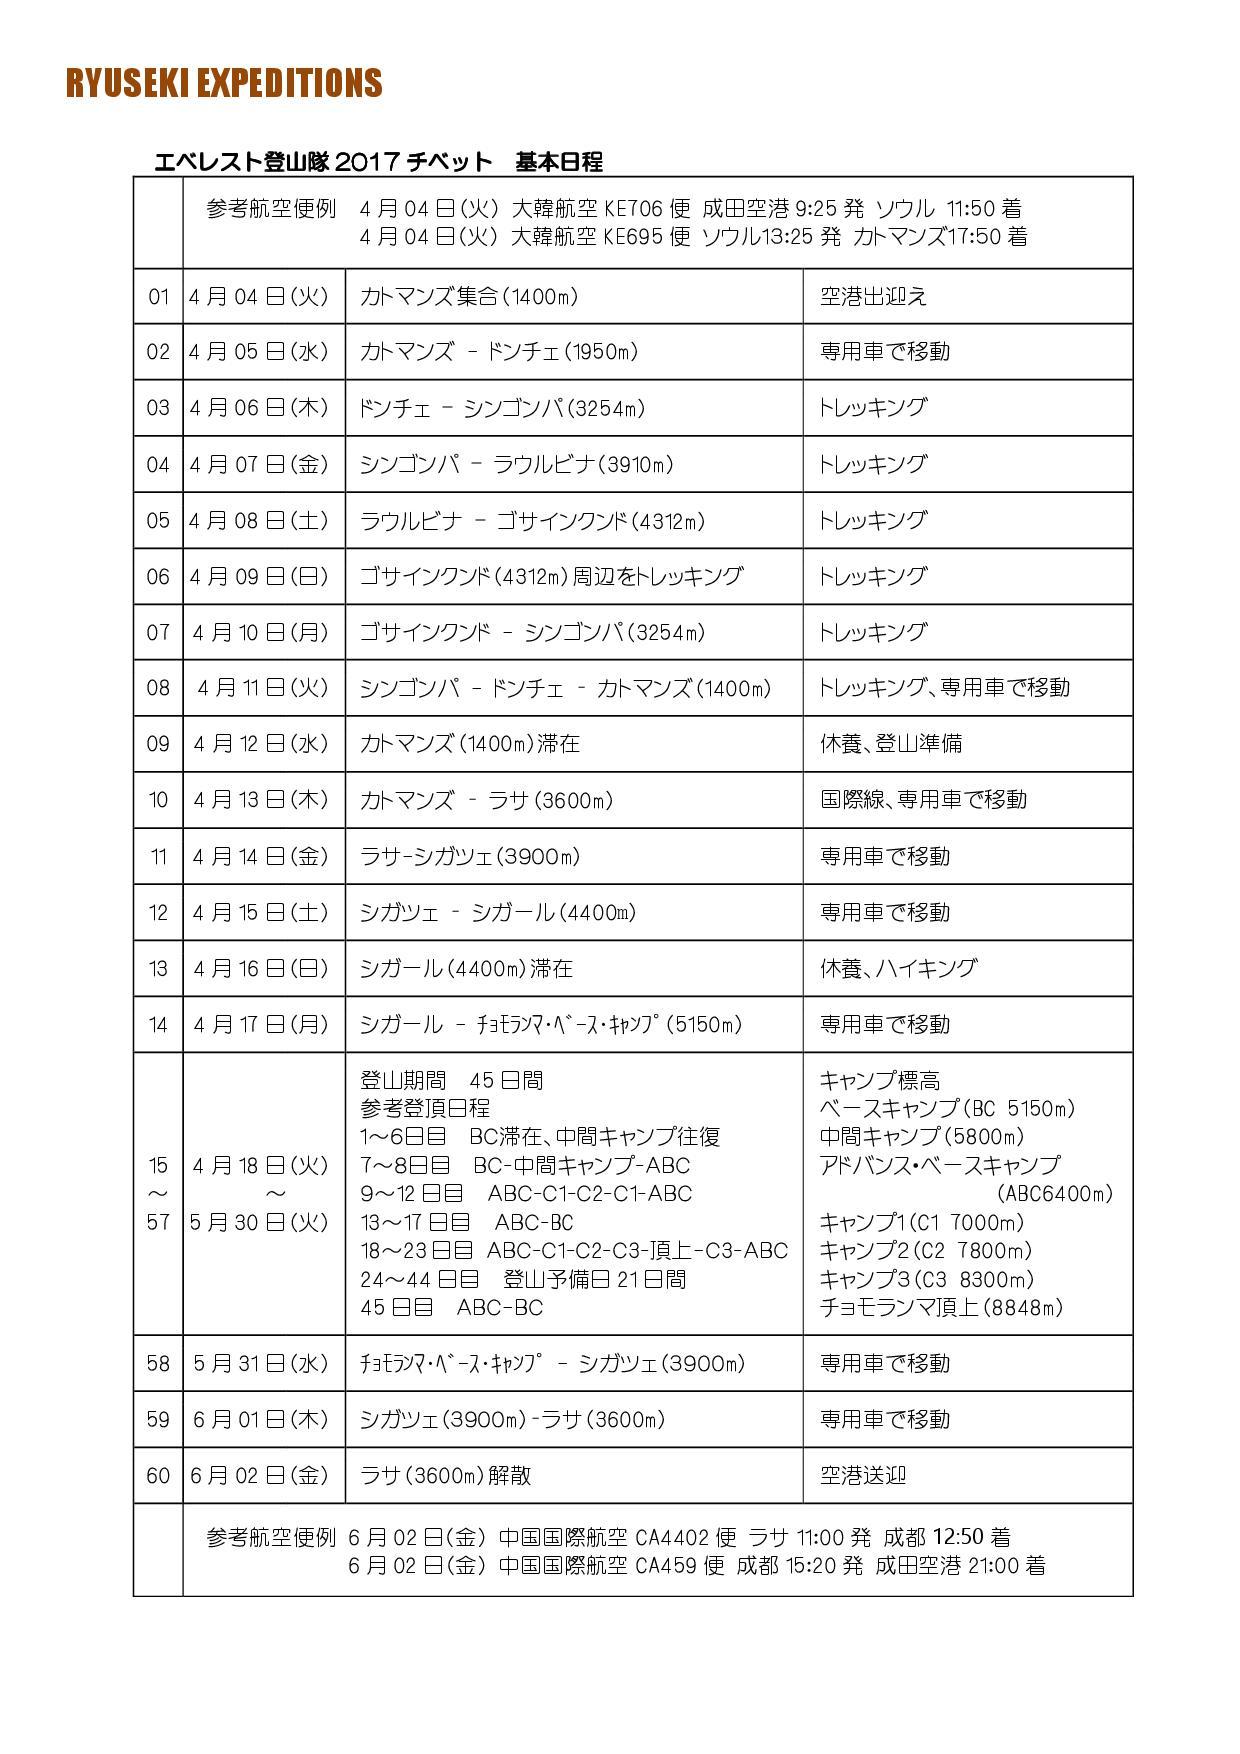 エベレスト2017チベット基本日程